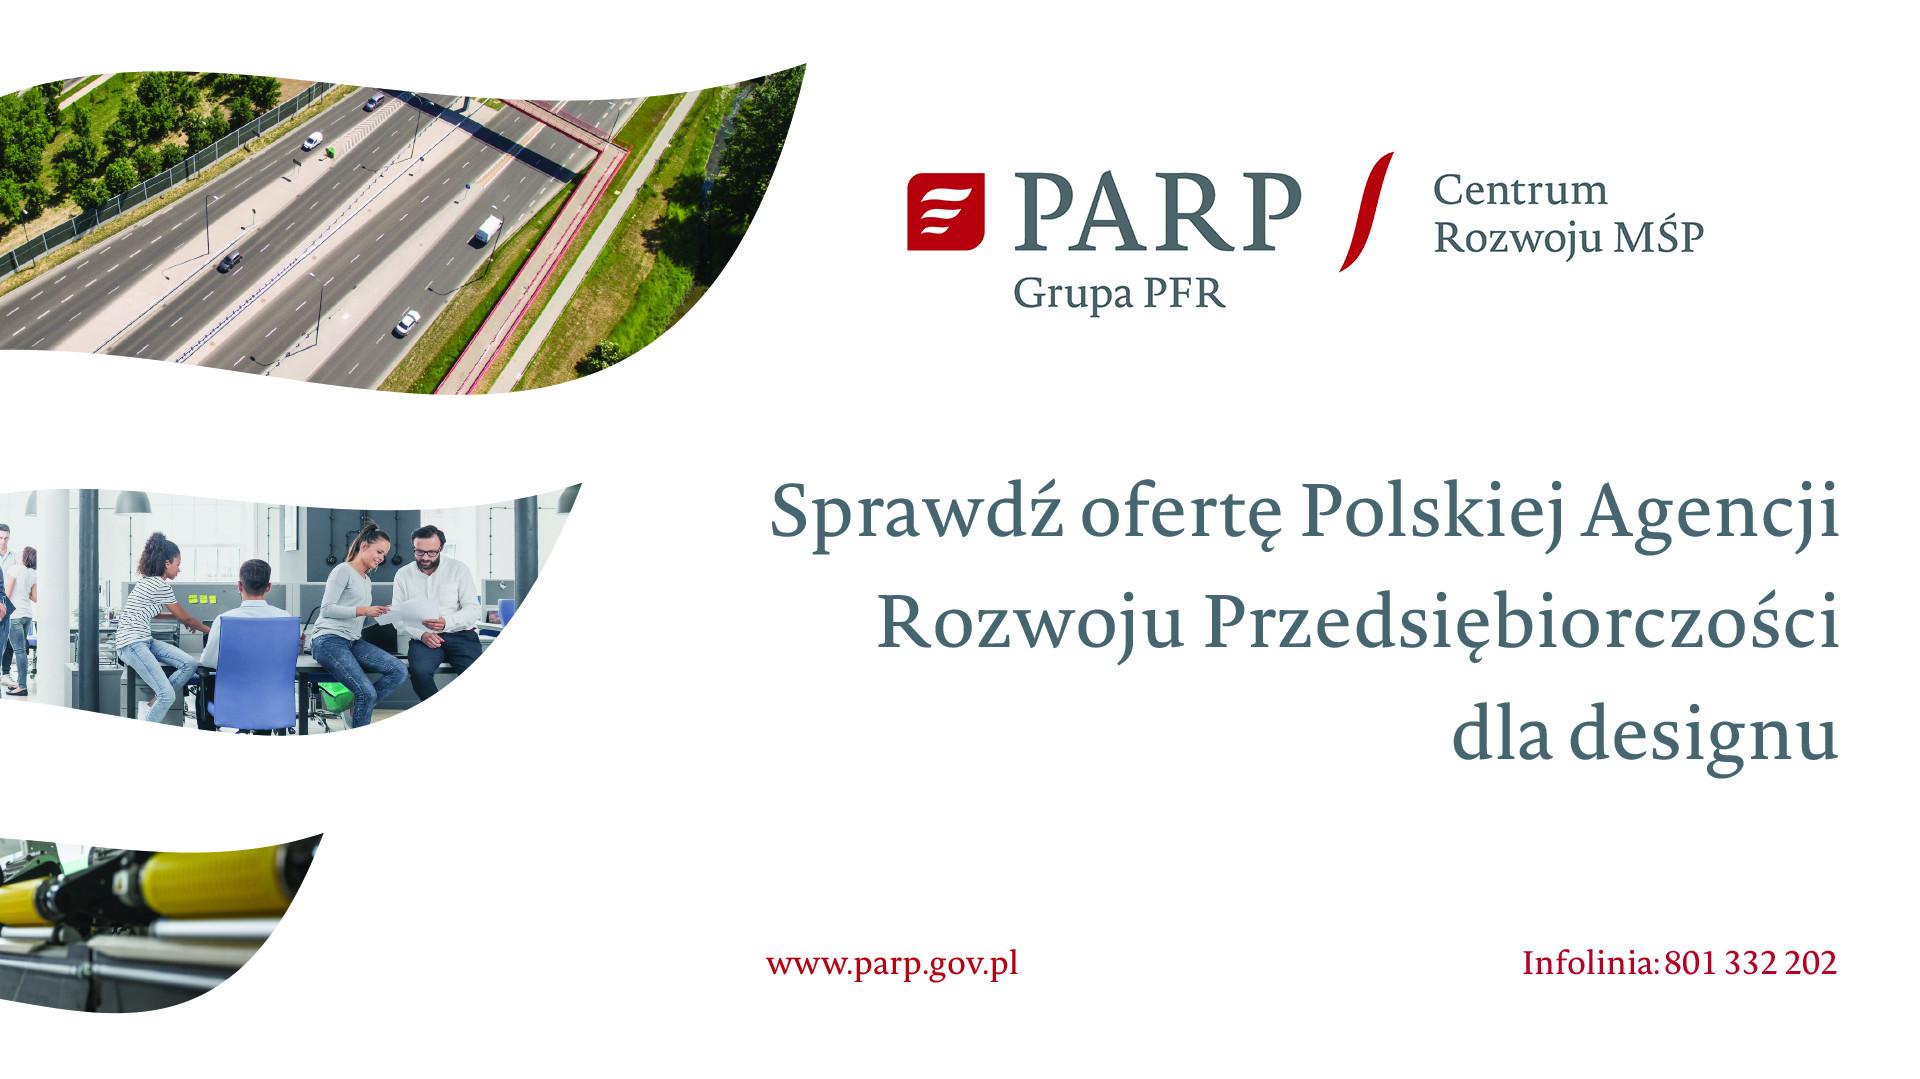 Polska Agencja Rozwoju Przedsiębiorczości będzie jednym z uczestników 4 Design Days 2019.